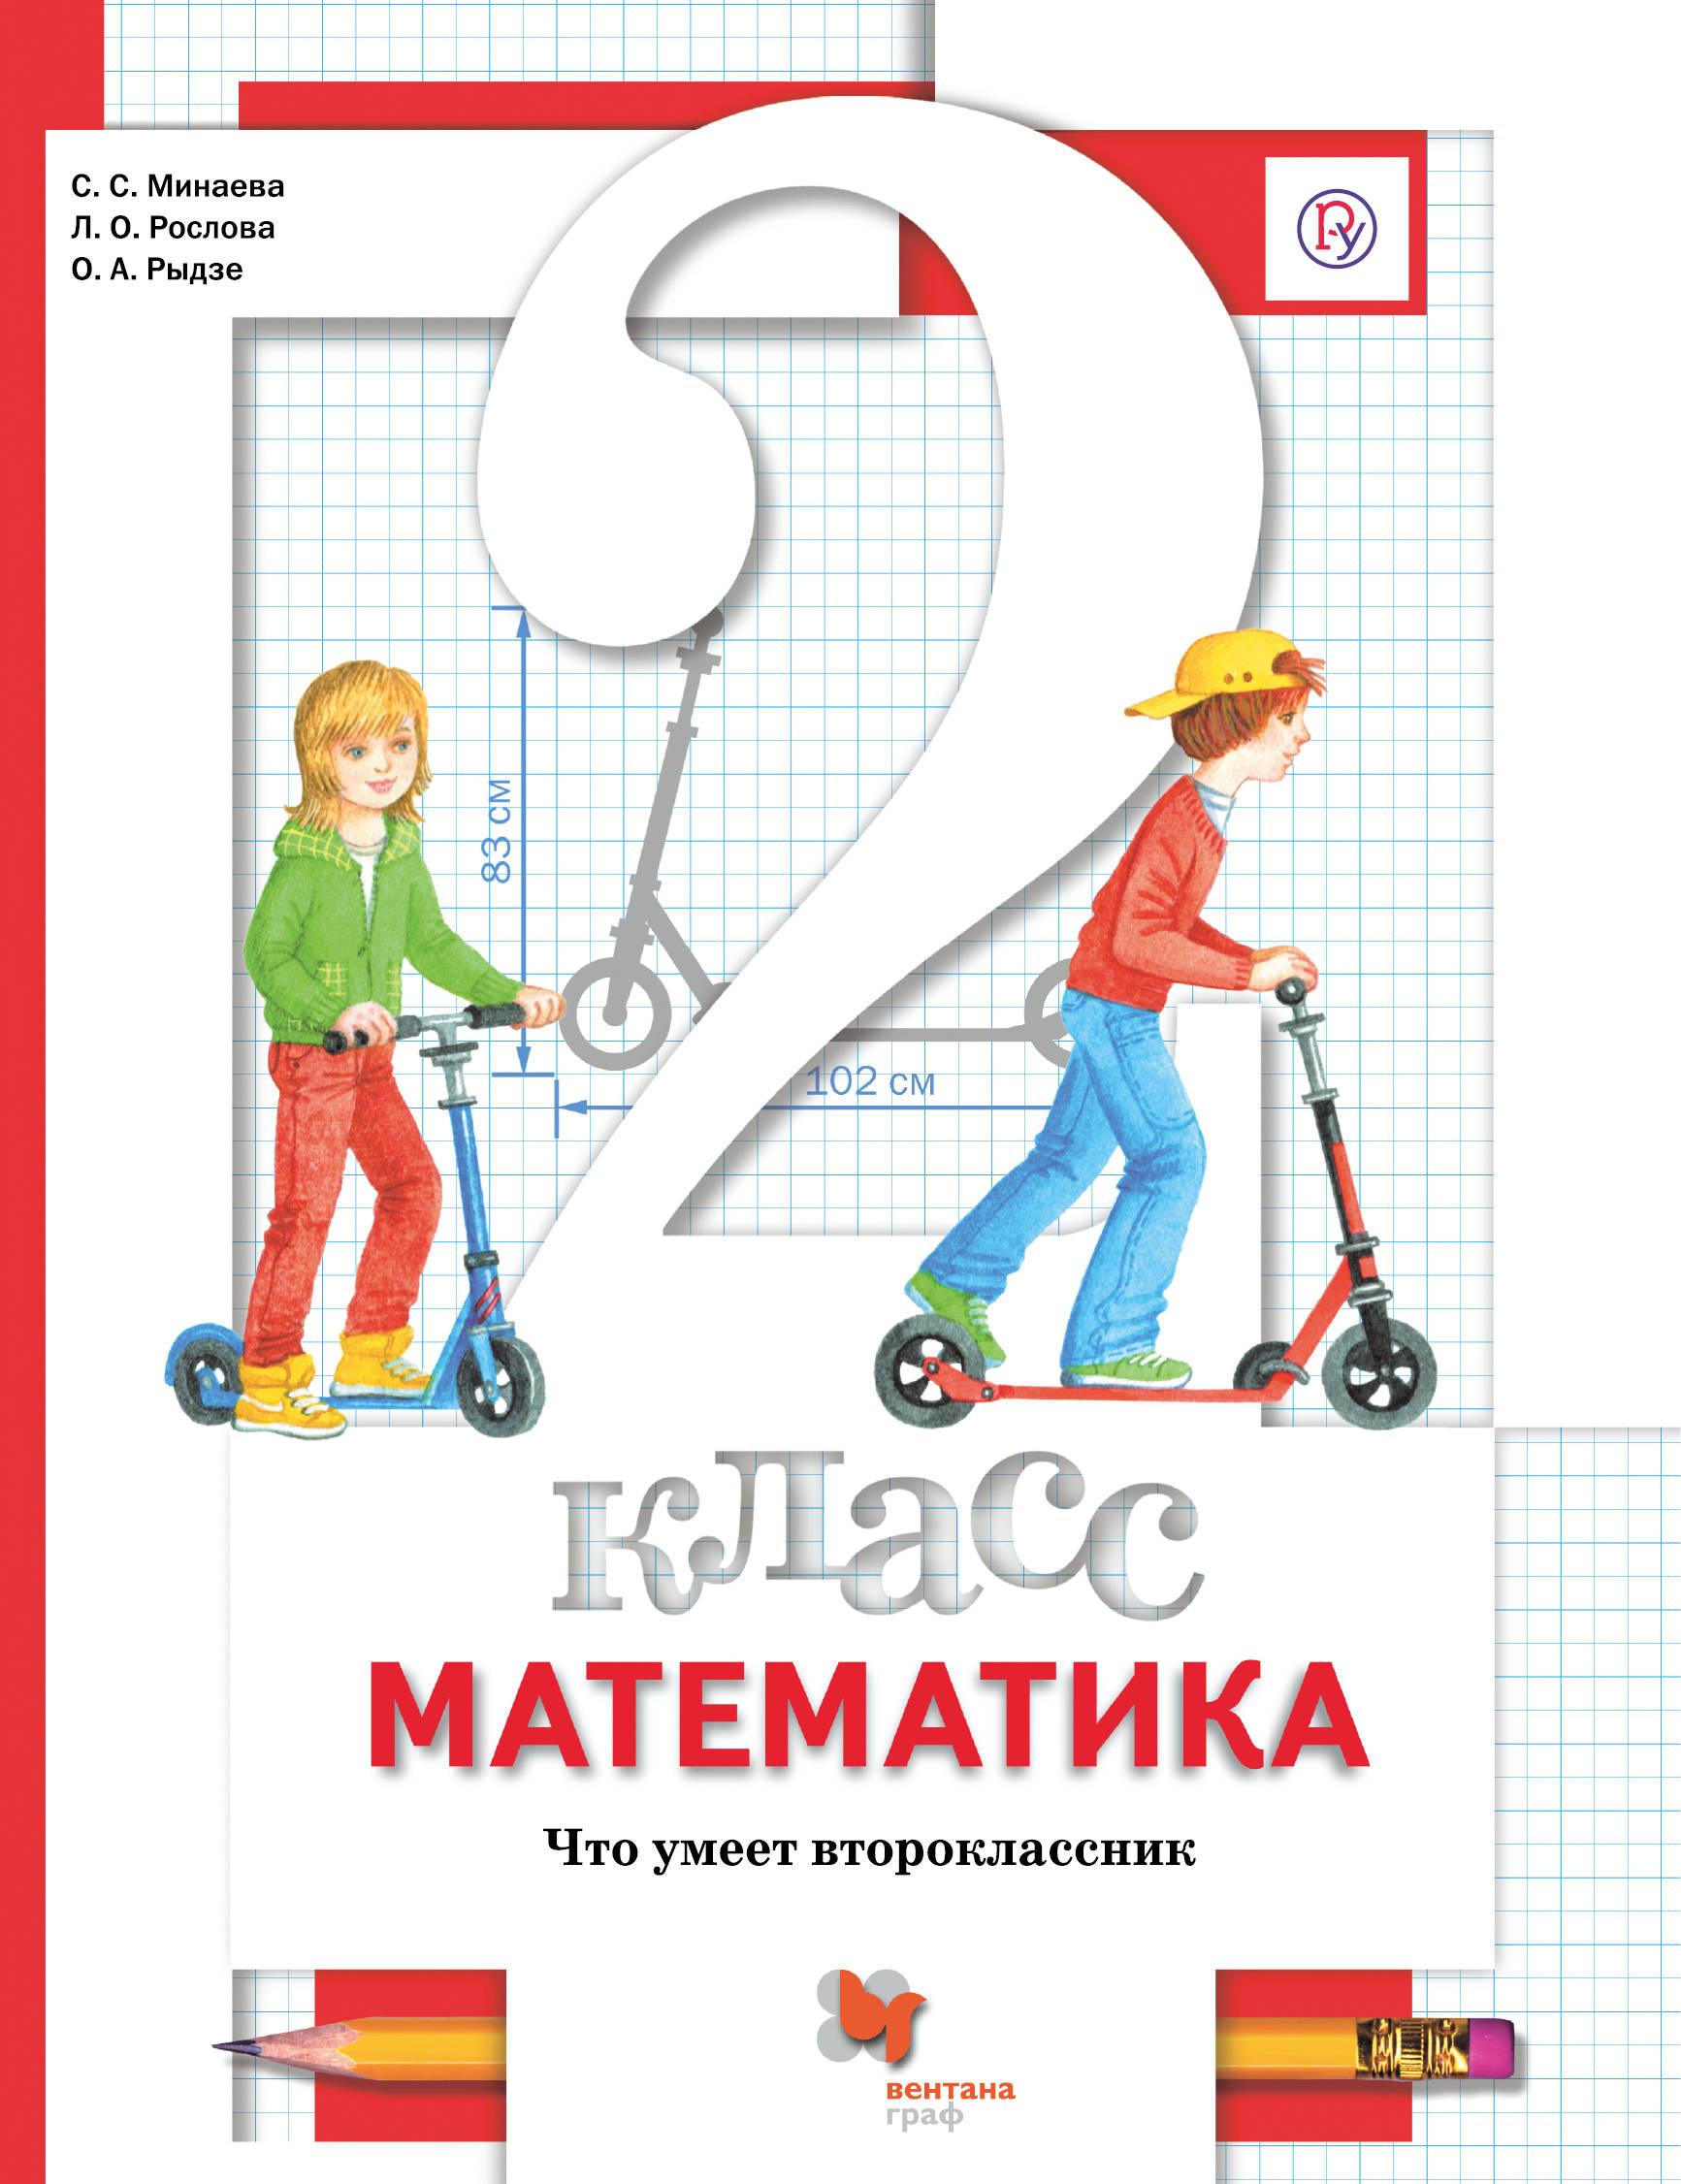 Фото - Л. О. Рослова,С. С. Минаева,О. А. Рыдзе Математика. 2 класс. Что умеет второклассник о а рыдзе математика 3 4 классы полный сборник заданий для устной работы